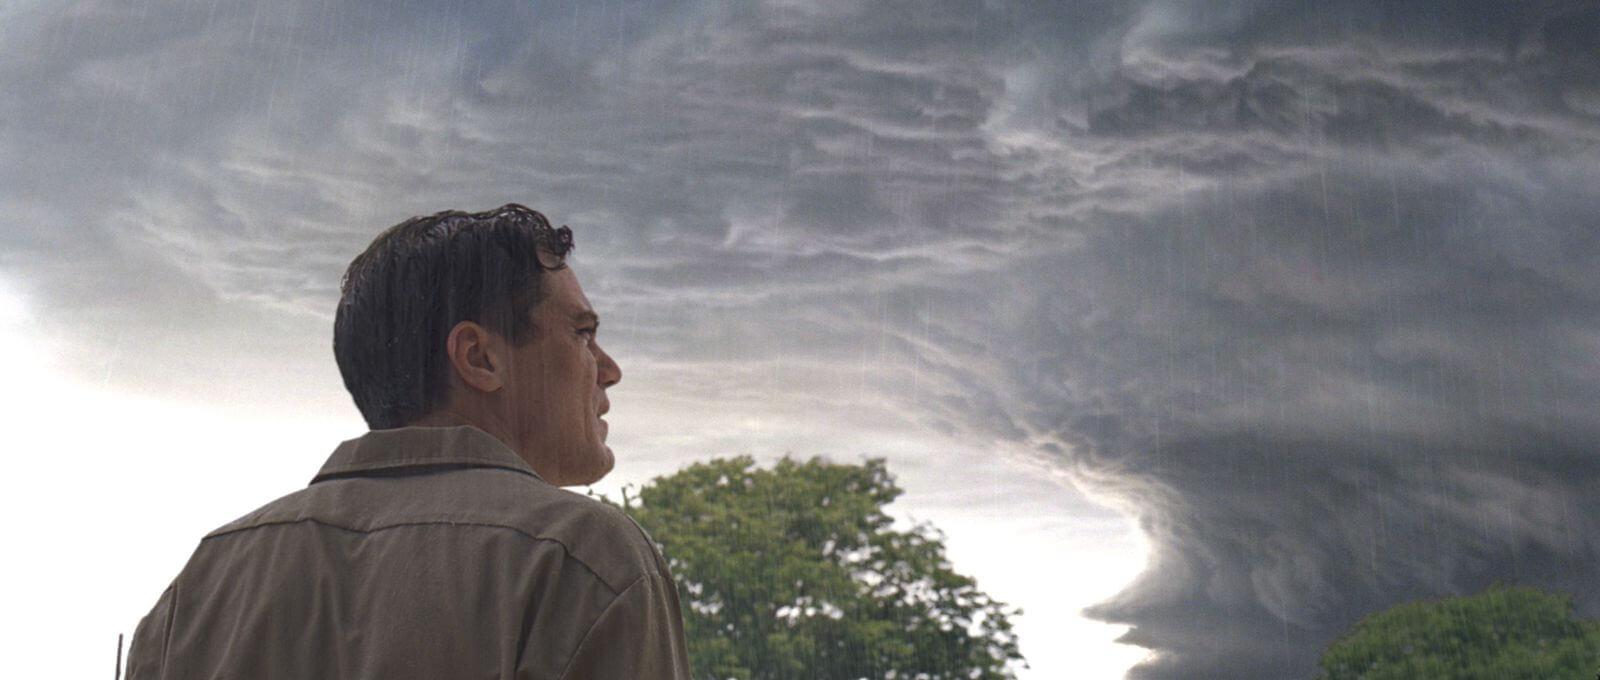 yaklaşan fırtınada adam